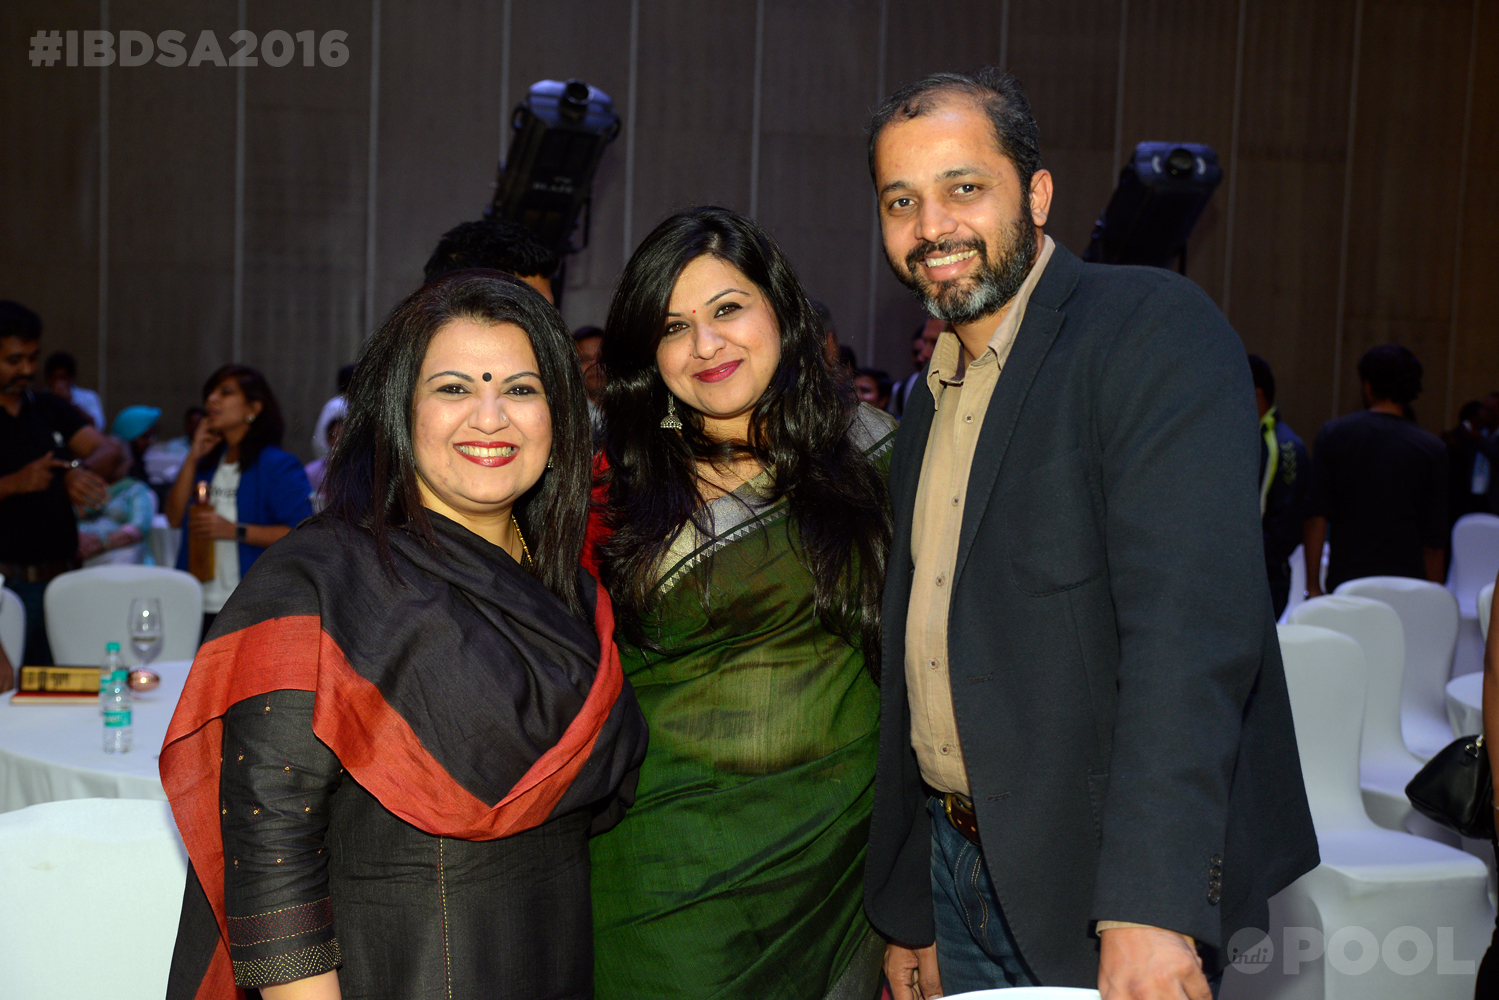 Priyanka & Payal Saluja with Shekhar Badve